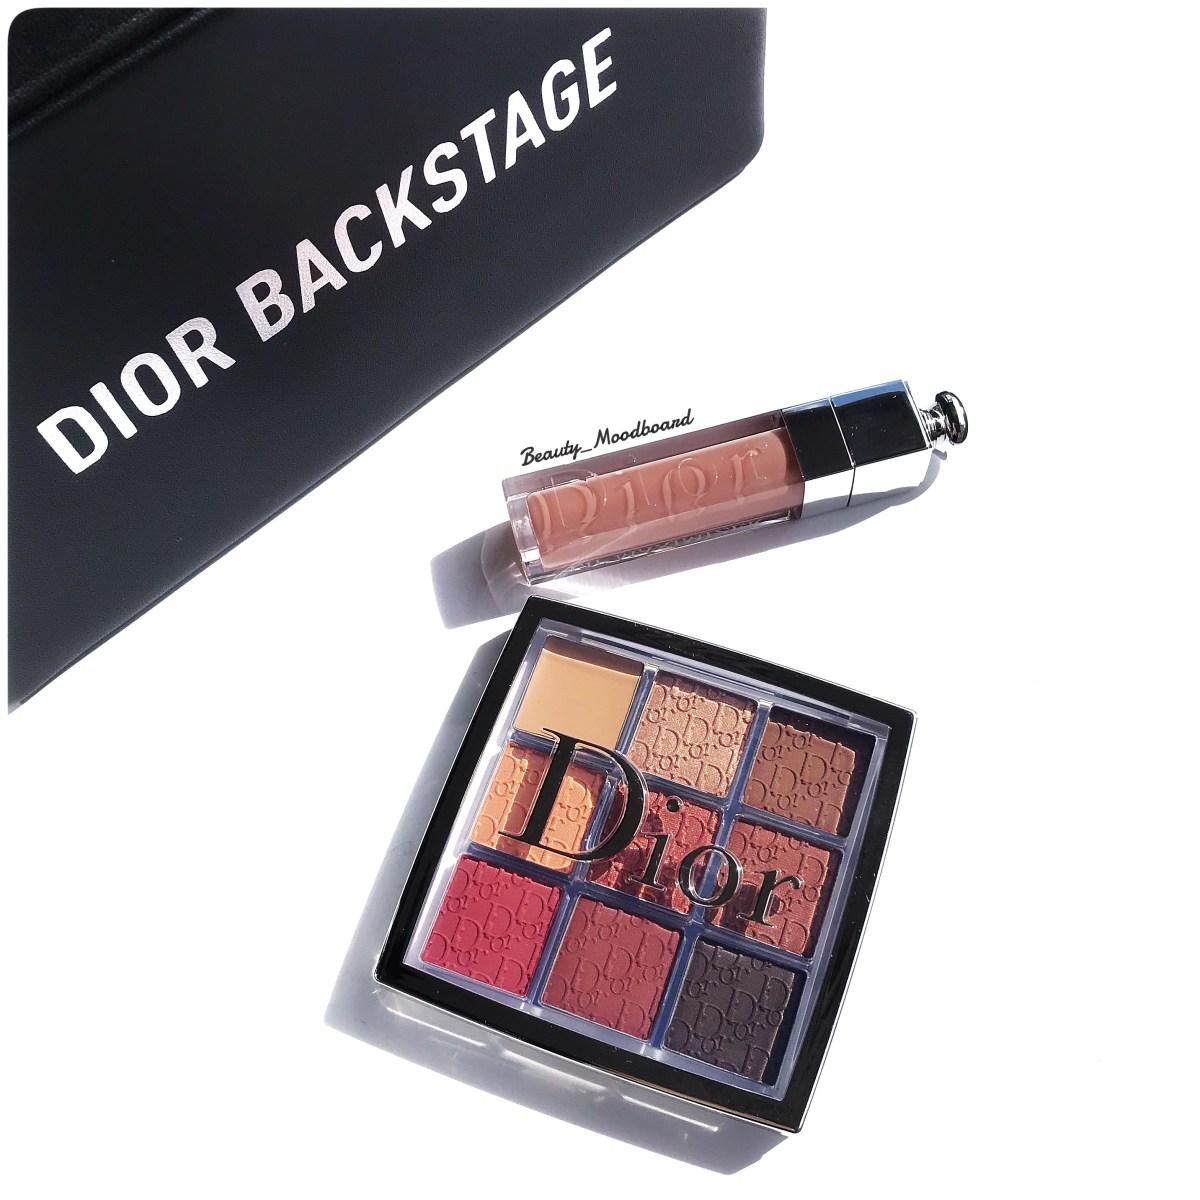 Dior Backstage Eye Palette Amber Neutrals 003 & Dior Addict Lip Maximizer Beige 013 #newnew !